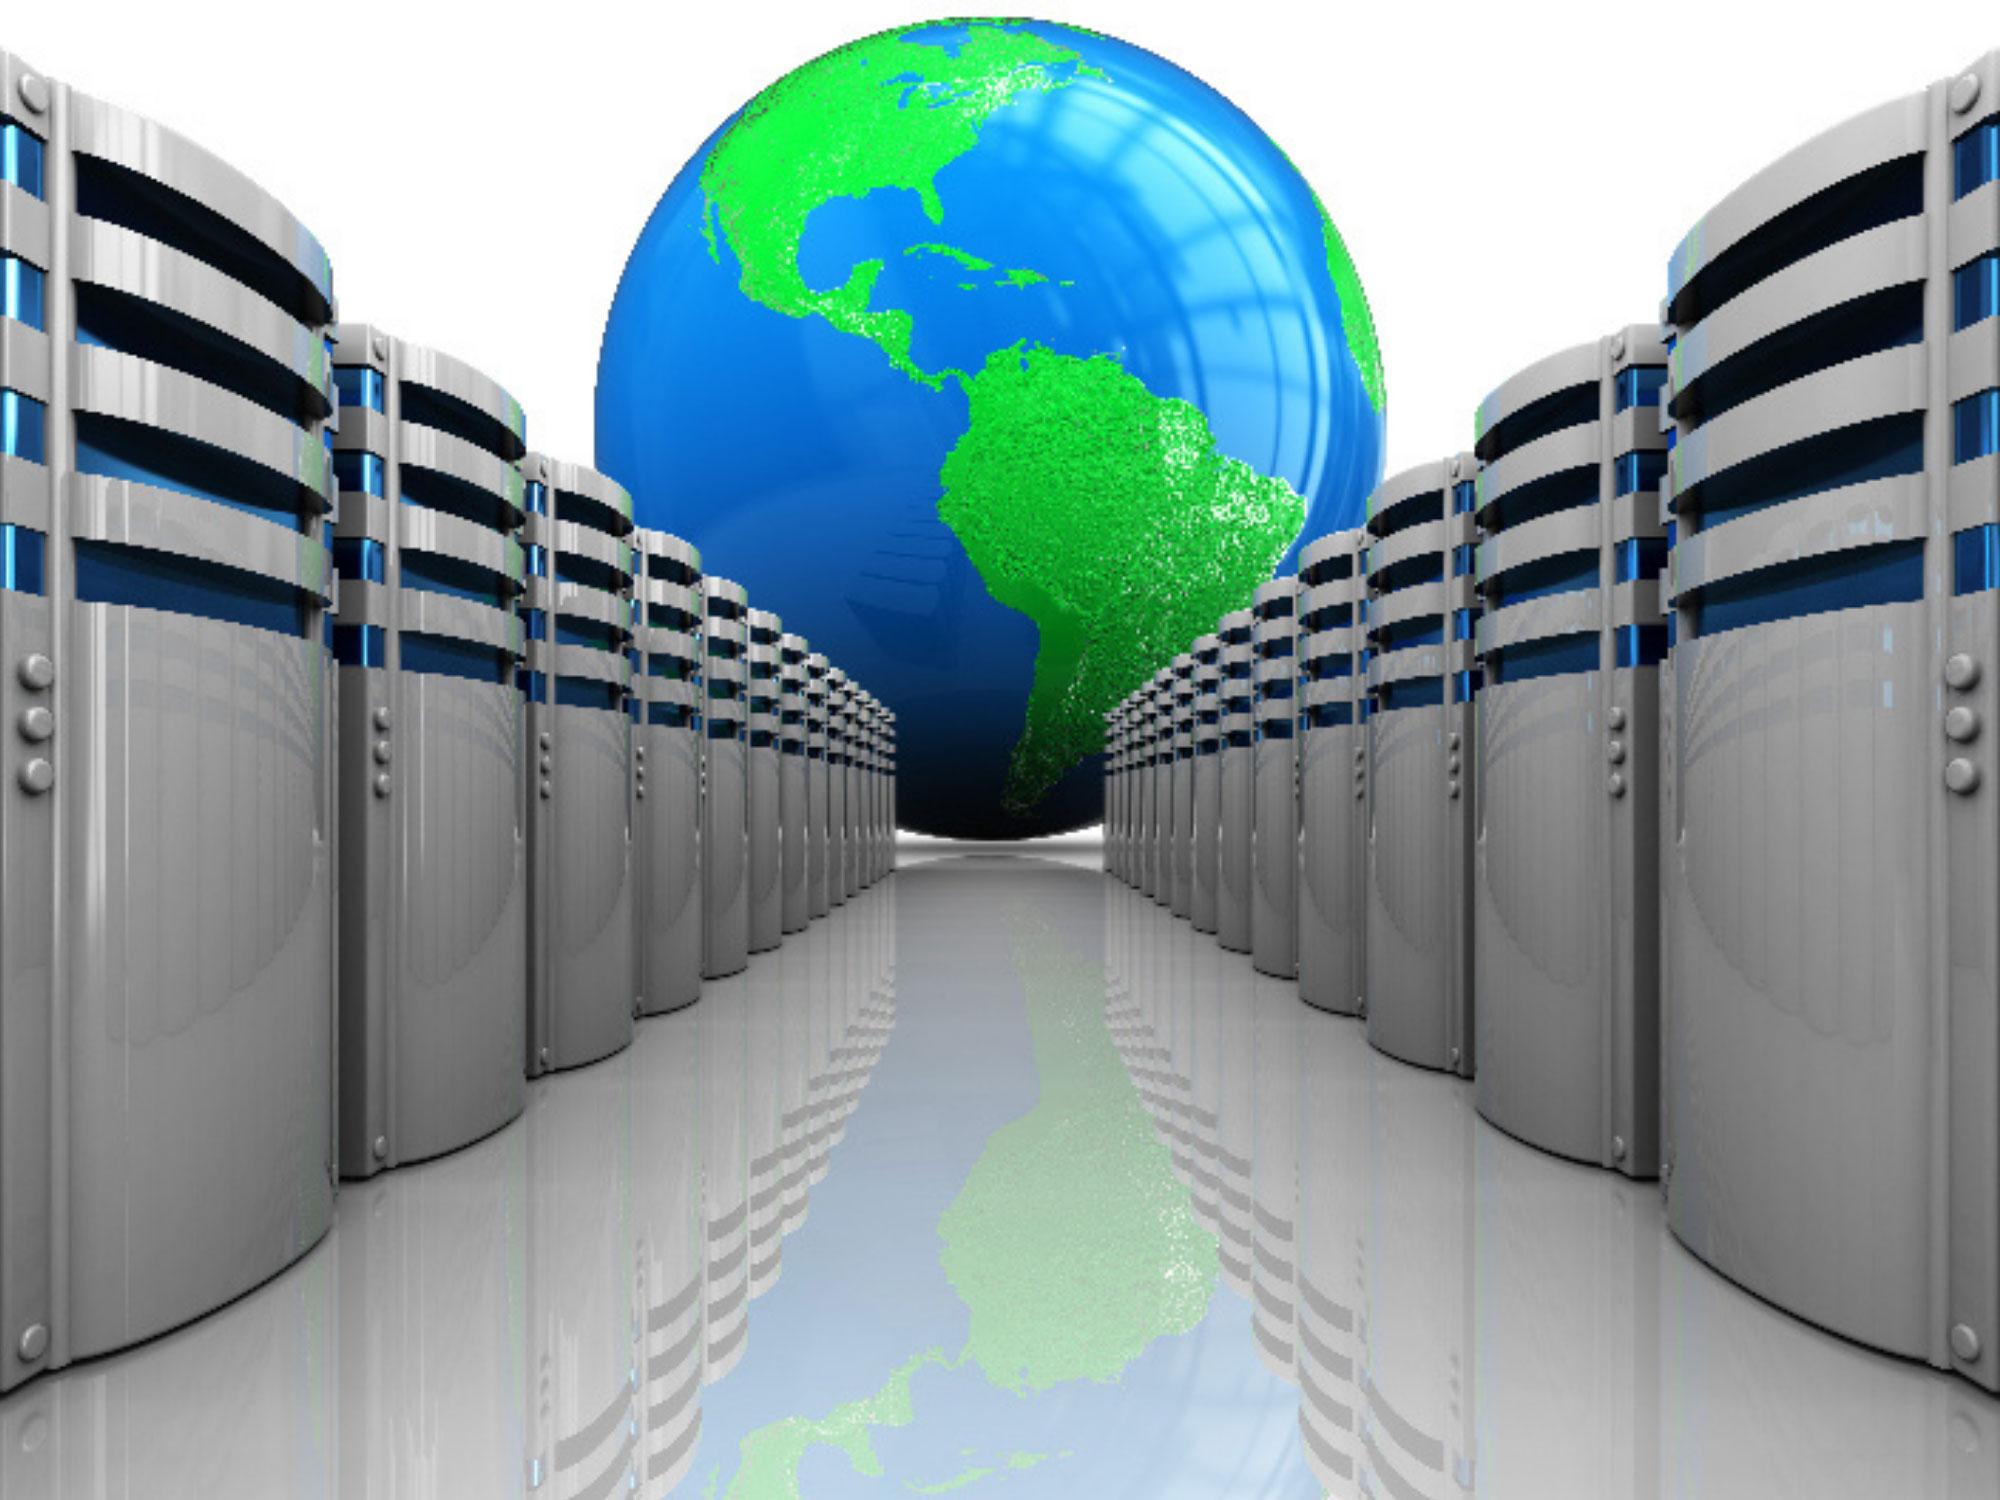 Pourquoi opter pour un data center éco-responsable ?